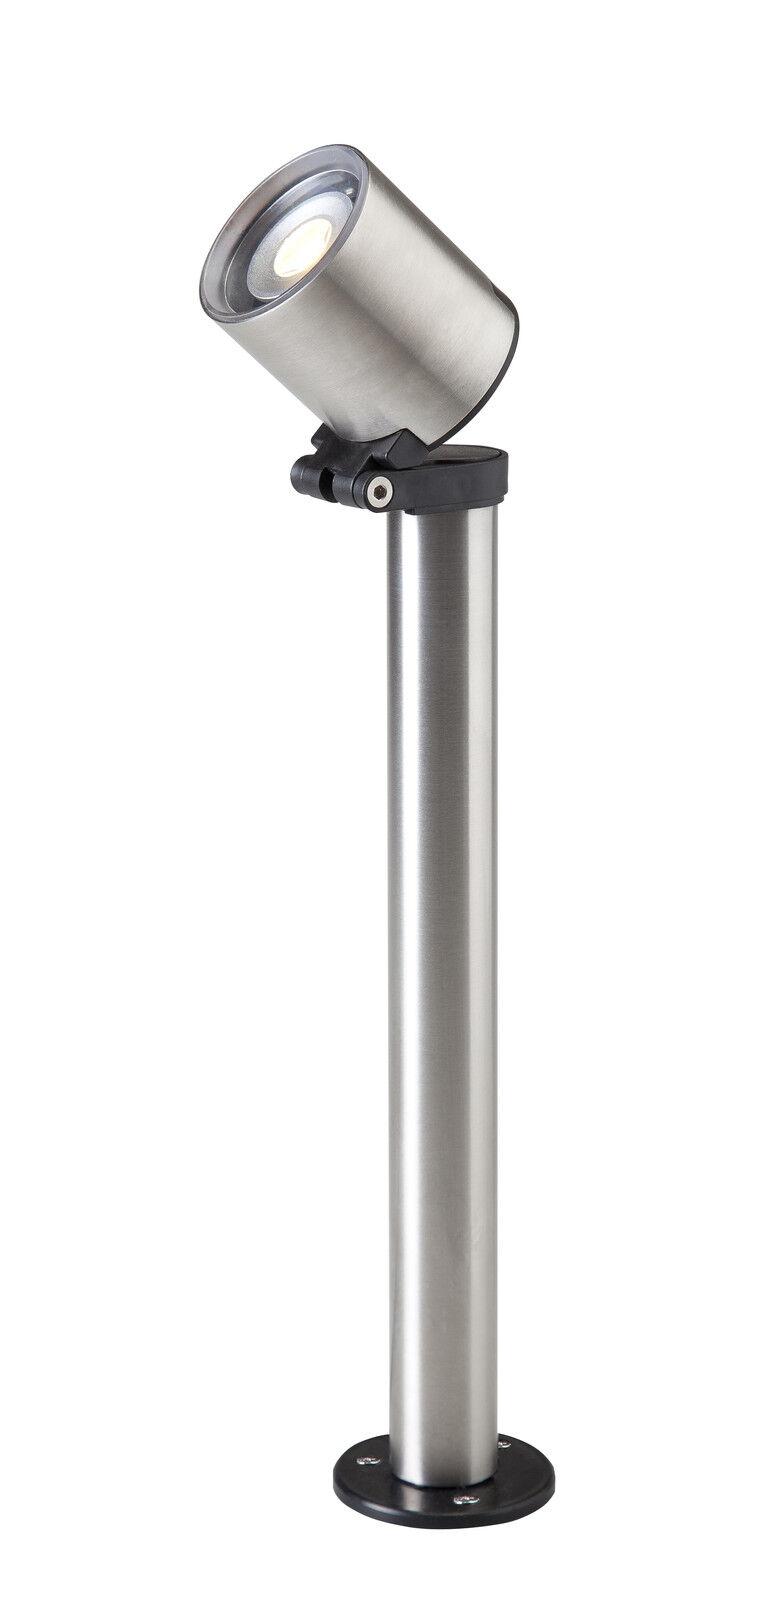 Techmar Lámpara de Jardín 12 Volt Índigo Acero Inox. Foco con Led 2 Watt